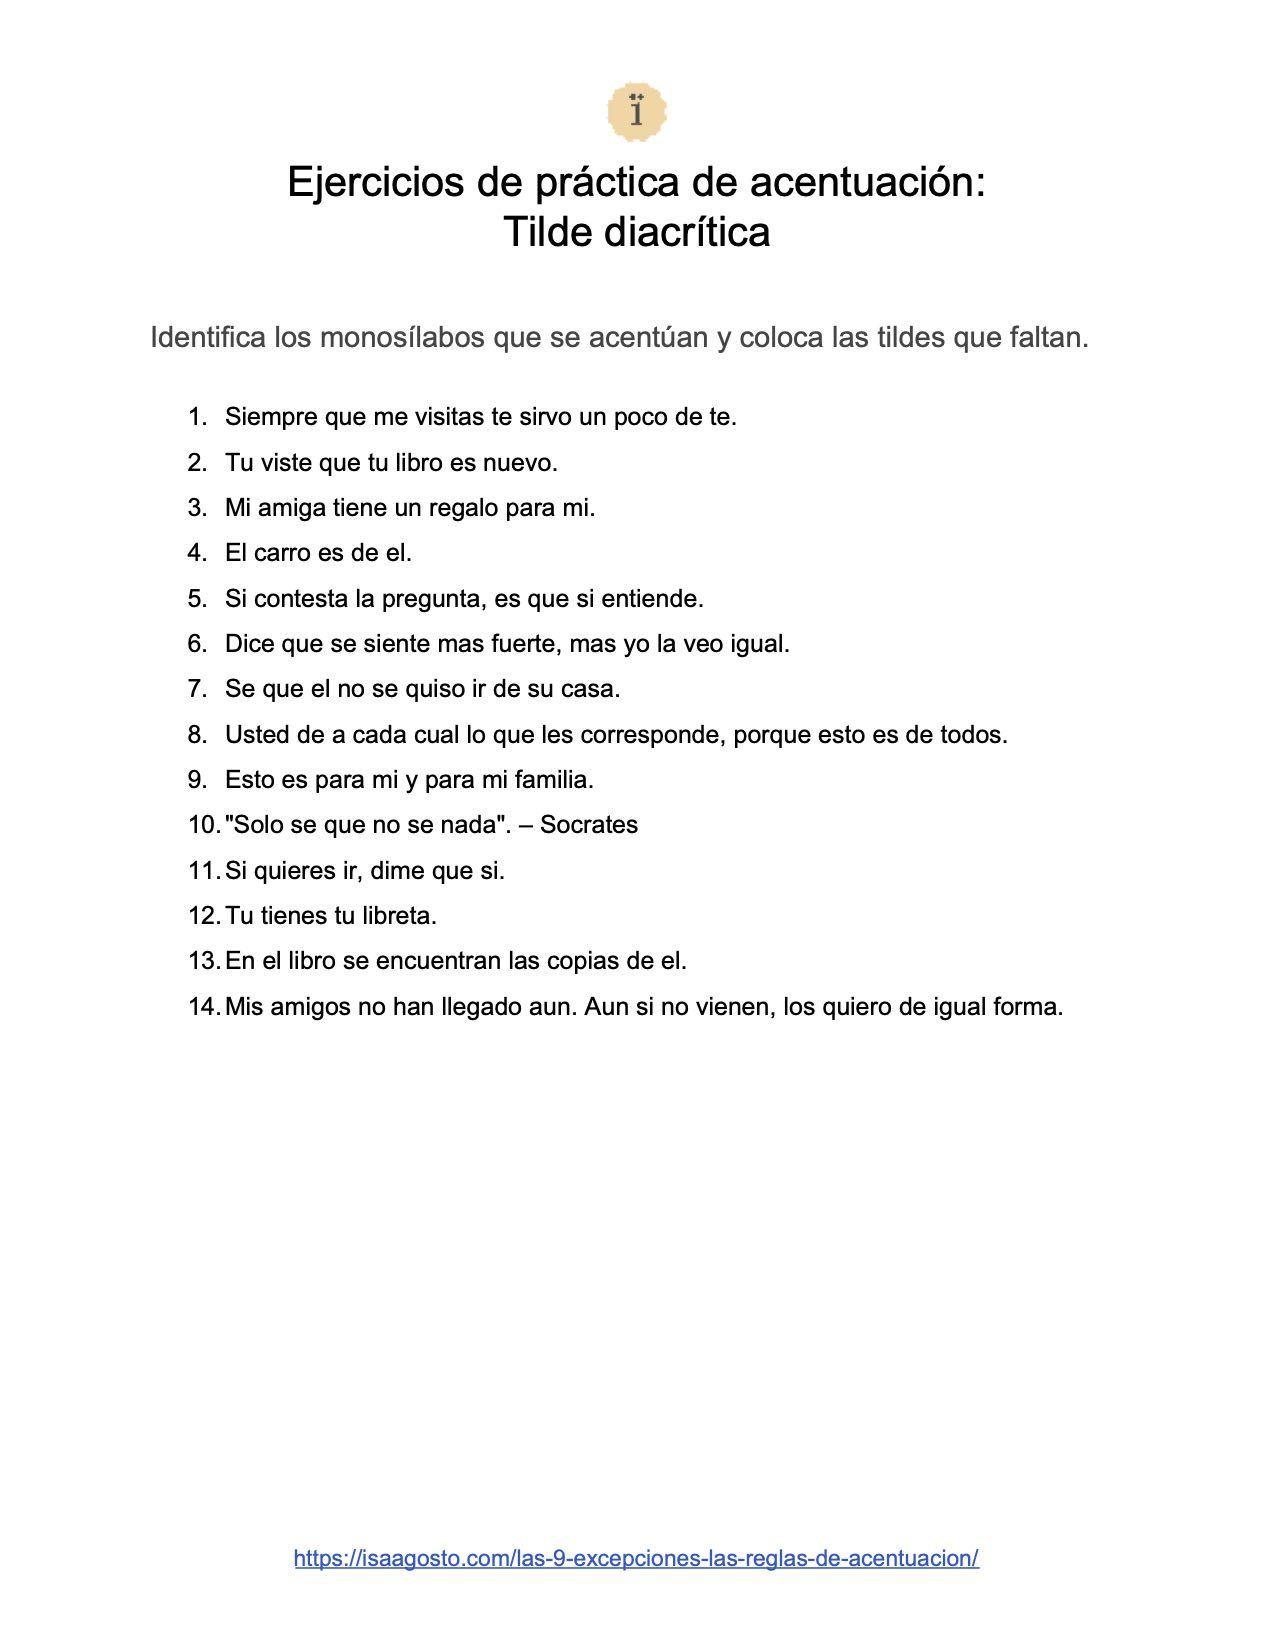 Ejercicios De Practica De Acentuacion Tilde Diacritica En